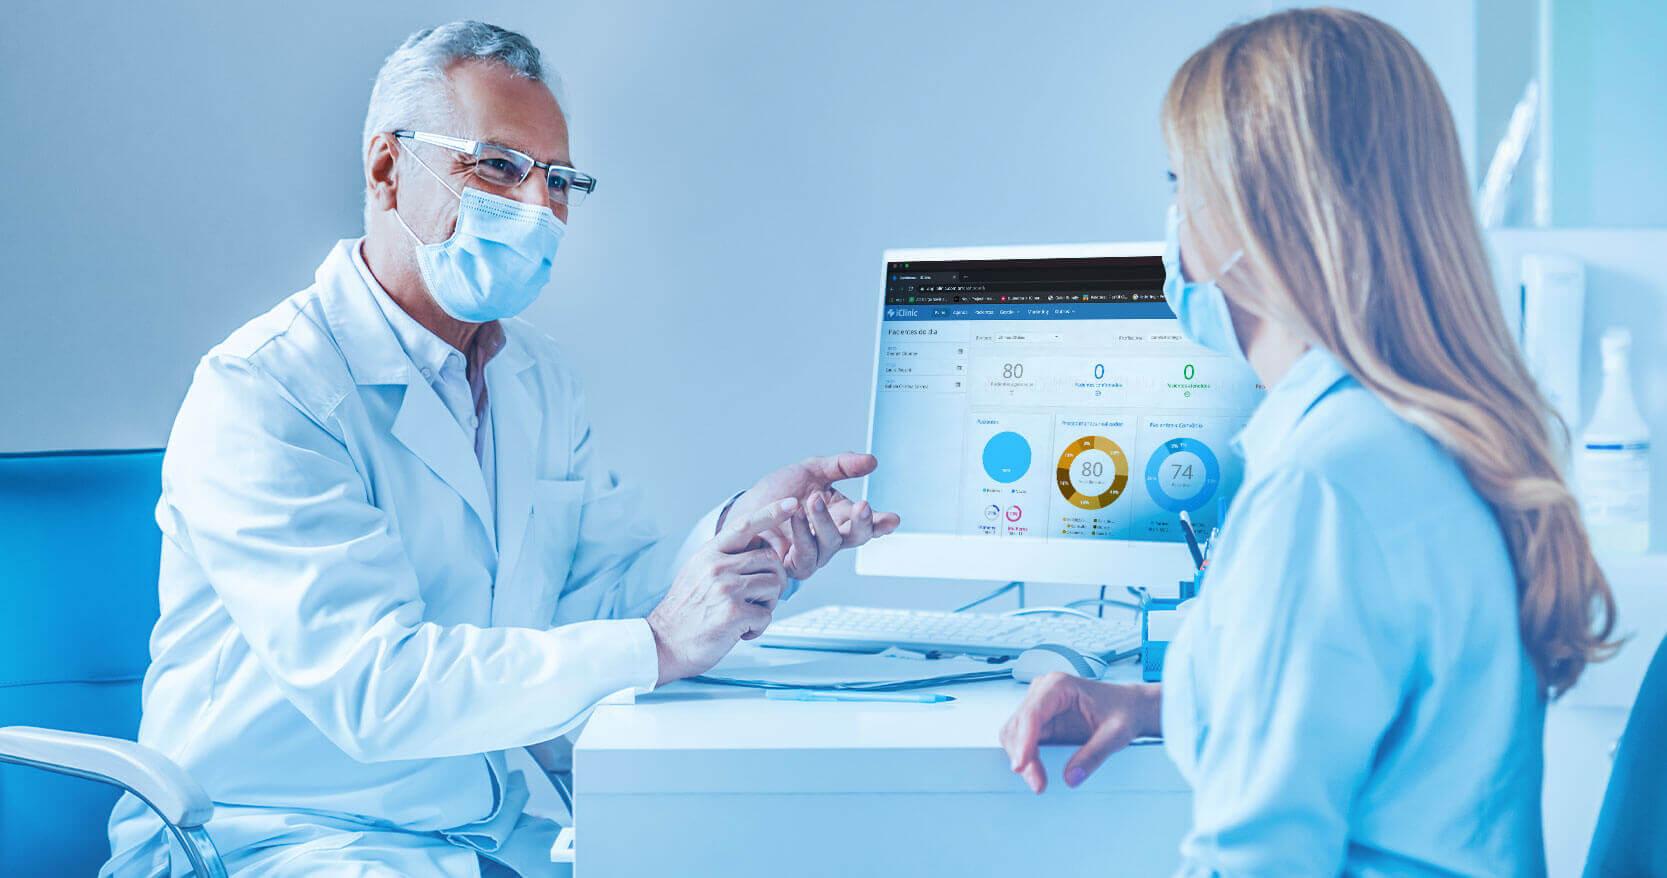 Como e por que otimizar a experiência do paciente? Nós explicamos!